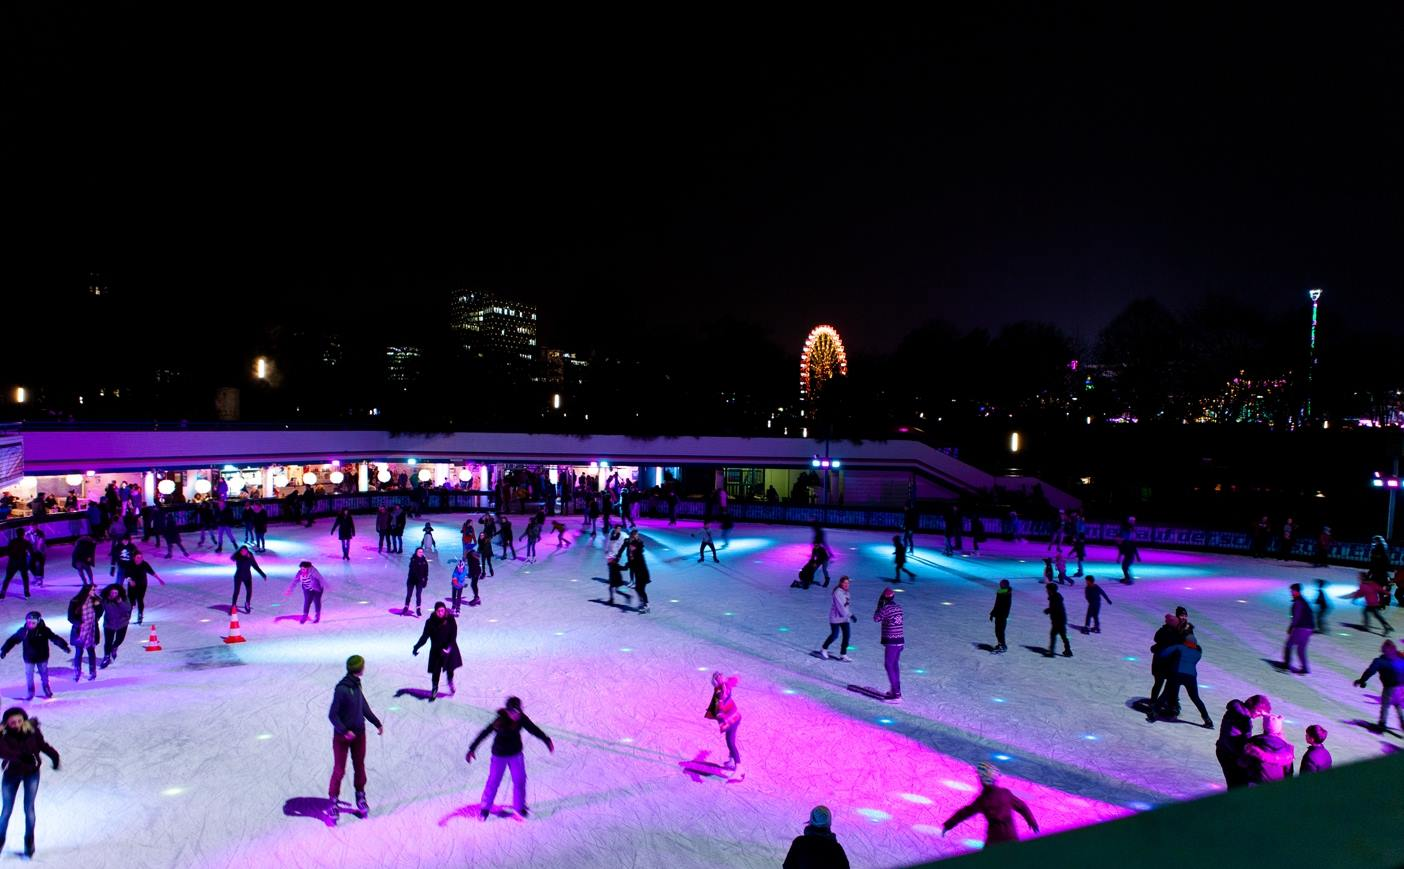 Das Eis ist frisch für die winterliche Clubnight!